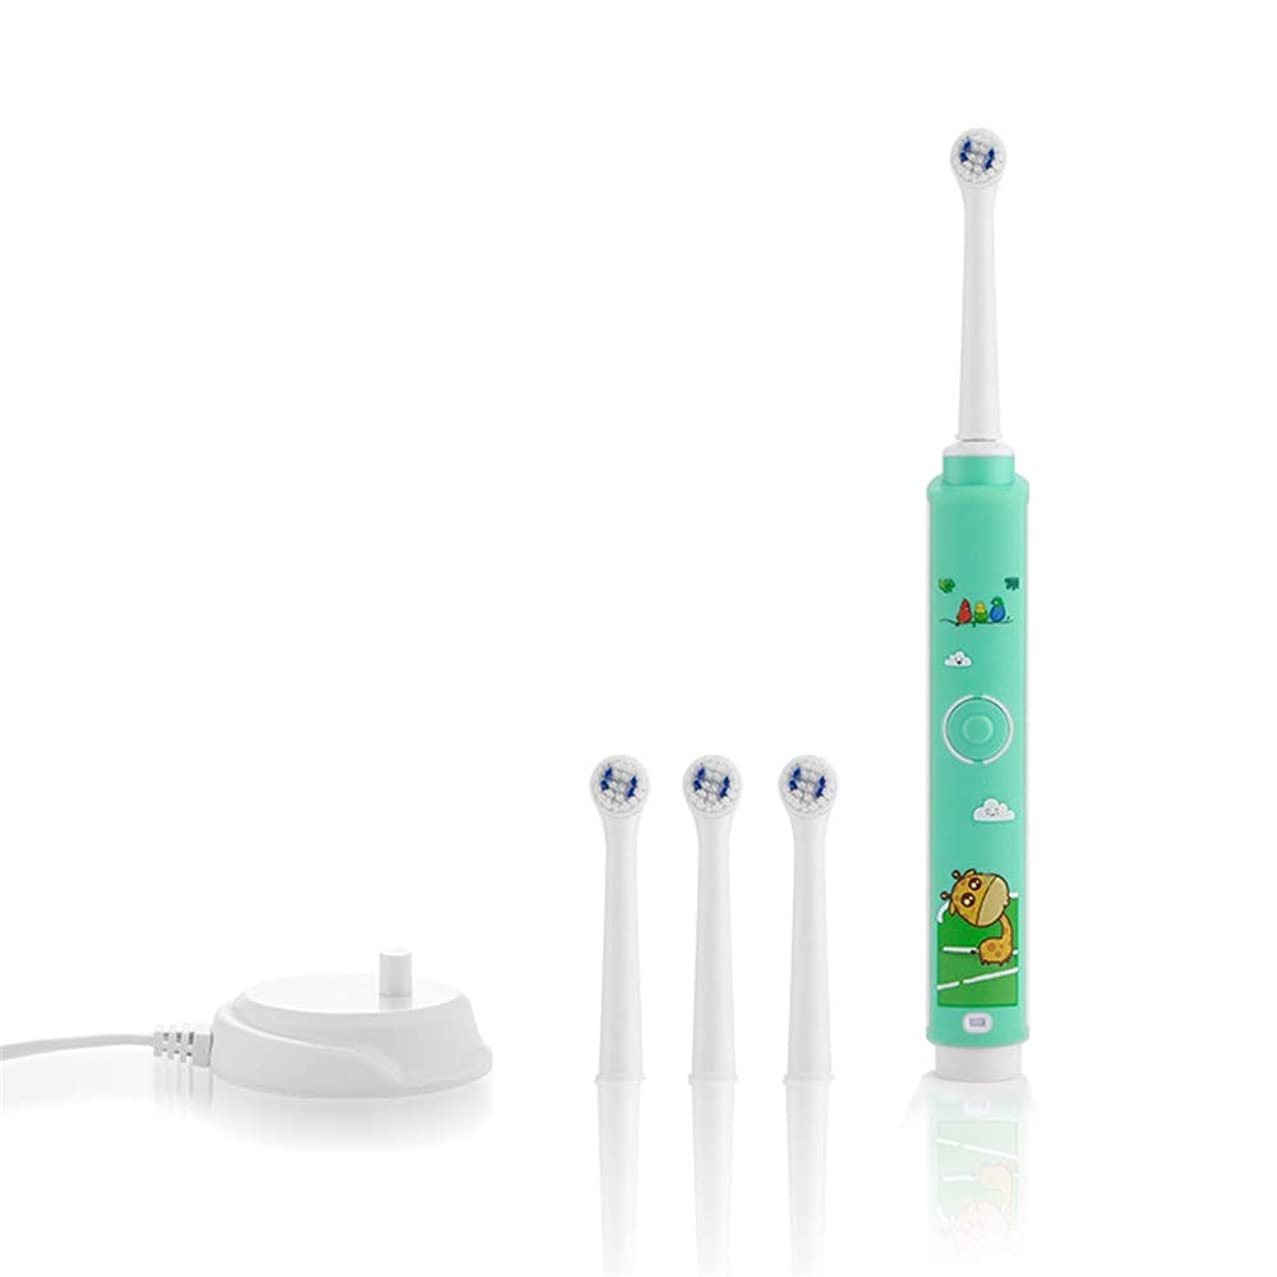 危険なアブセイよく話されるUSB充電ベースソフトヘアクリーン歯ブラシで防水耐久性のある子供用電動歯ブラシ 完璧な旅の道連れ (色 : 緑, サイズ : Free size)